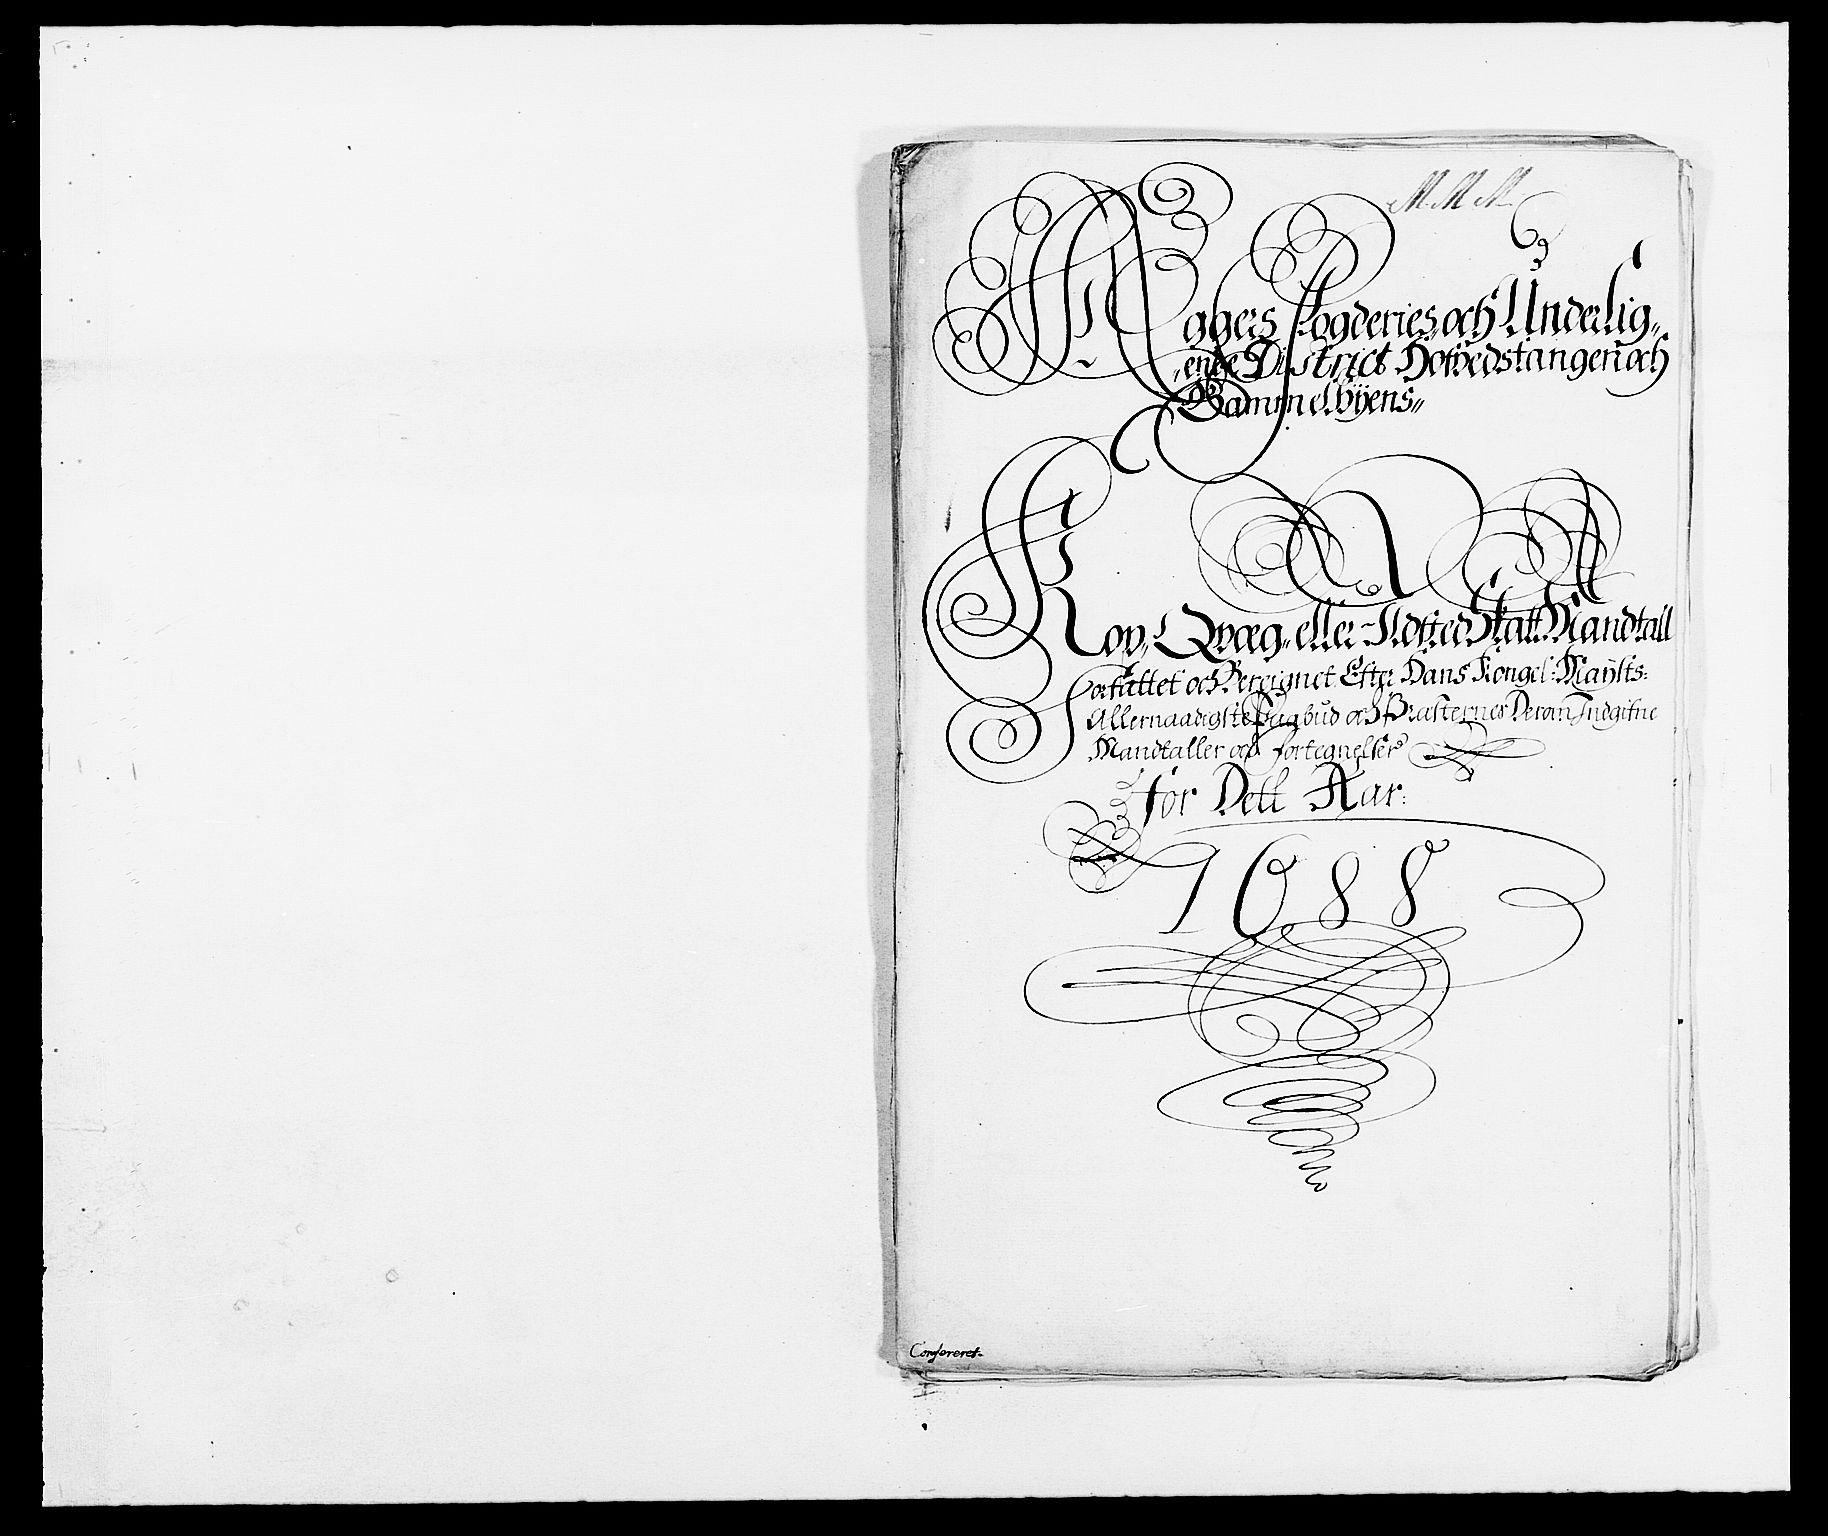 RA, Rentekammeret inntil 1814, Reviderte regnskaper, Fogderegnskap, R08/L0422: Fogderegnskap Aker, 1684-1686, s. 362